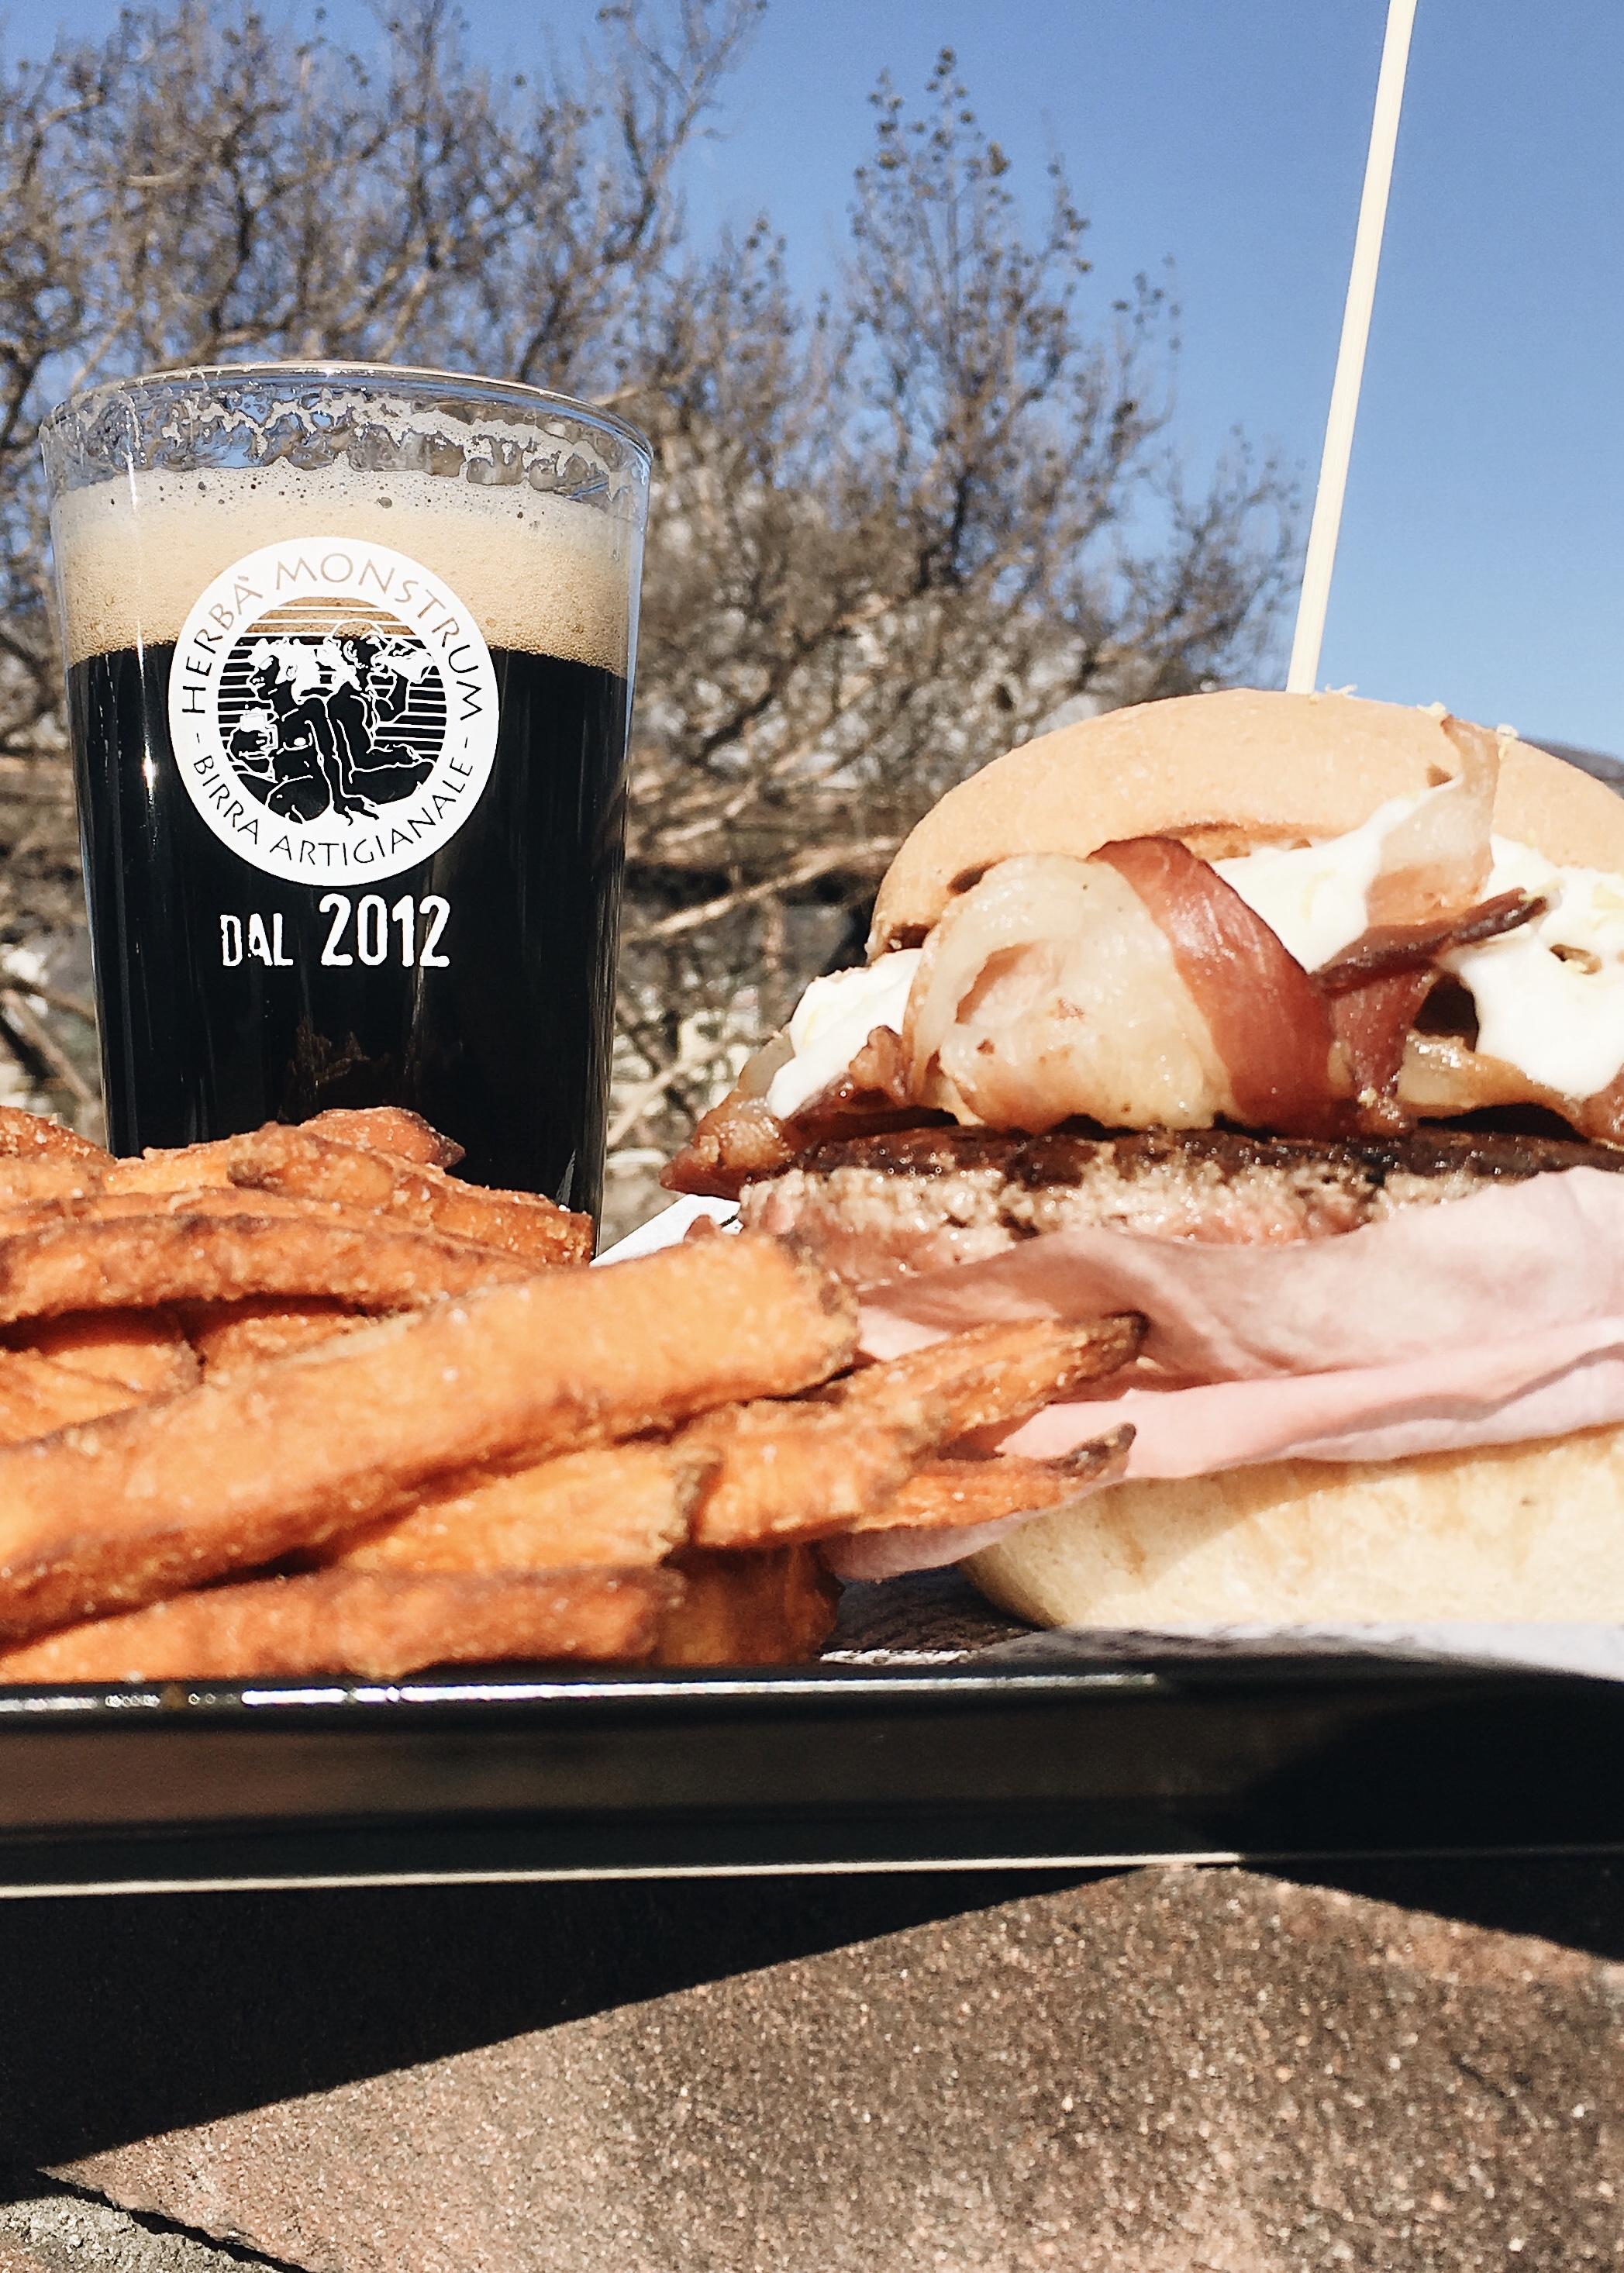 Le nostre artigianali a domicilio! Aprile 2020 i hamburger direttamente a casa Cosaordino.it! Herba Monstrum Brewery via Ettore Monti, 29, 23851 in zona Ponte Azzone Visconti Lecco.